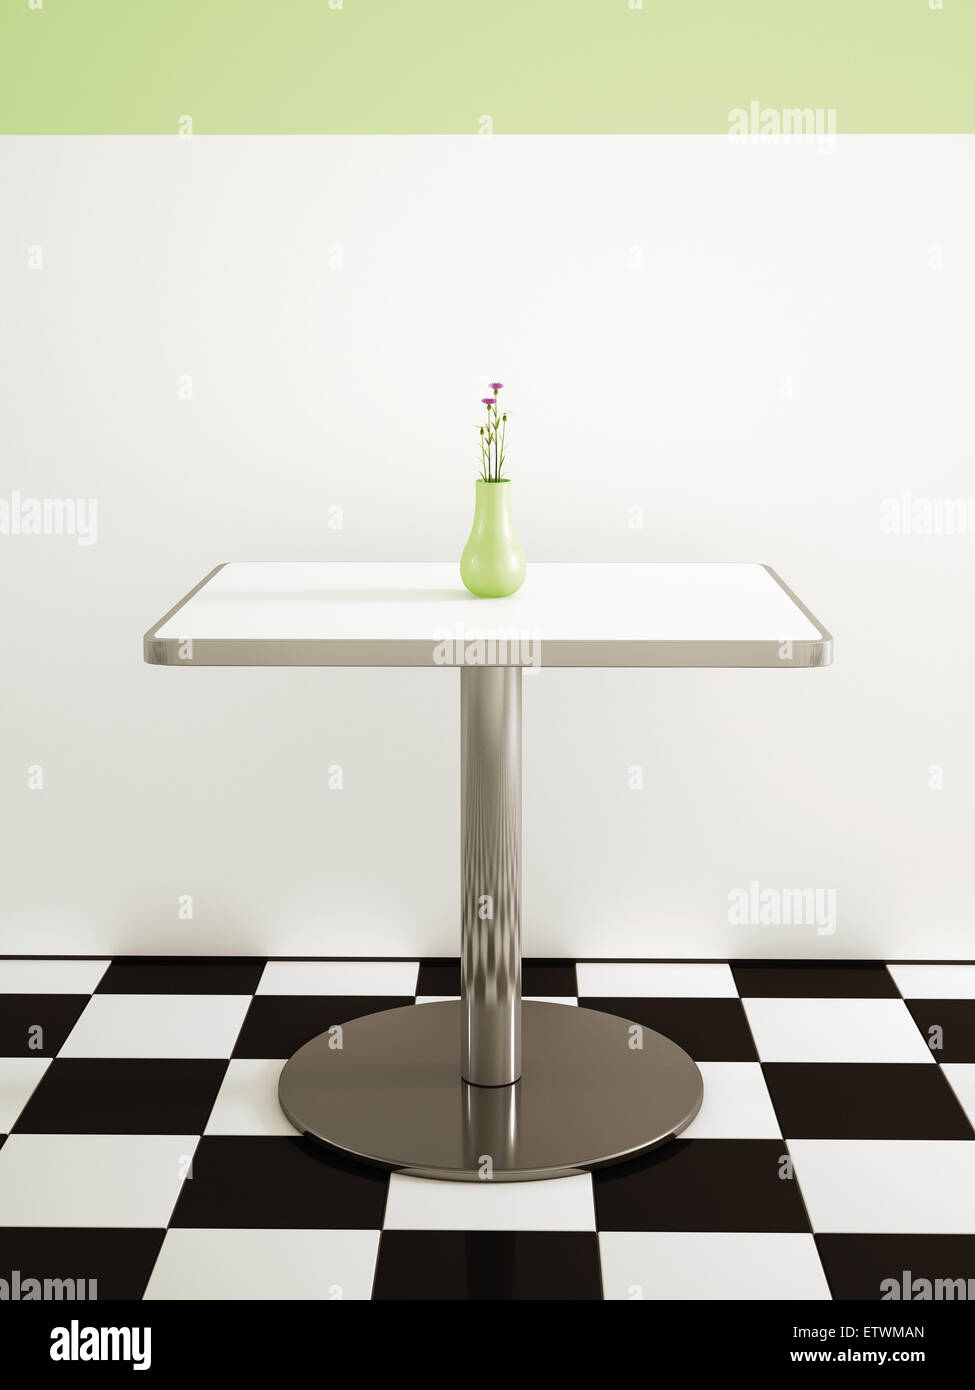 Tisch Mit Blumen Vase In Einem American Diner, 3D Rendering